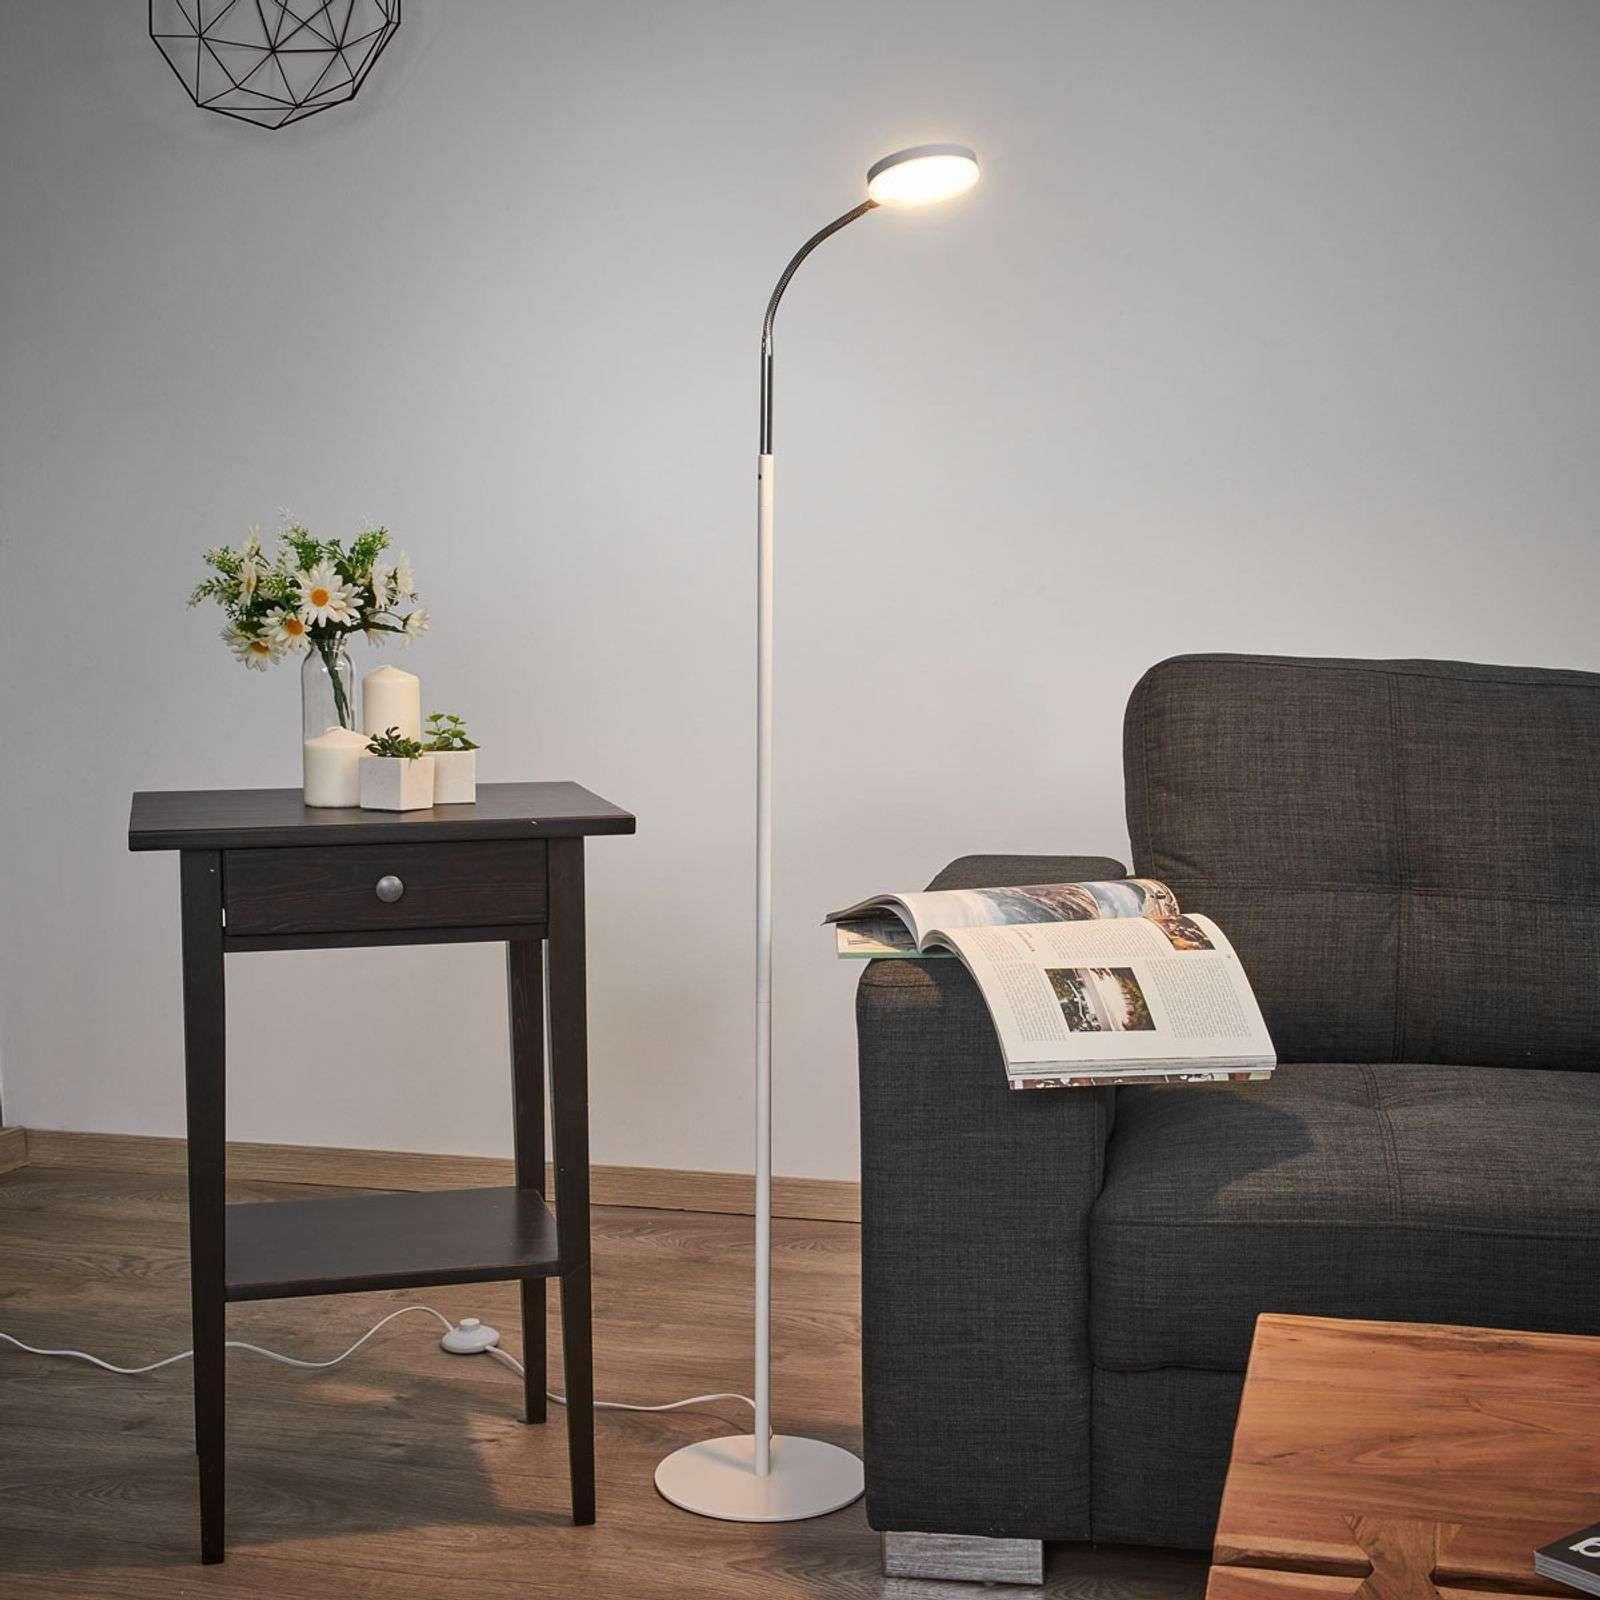 Stehlampe Leselampe Wohnzimmer